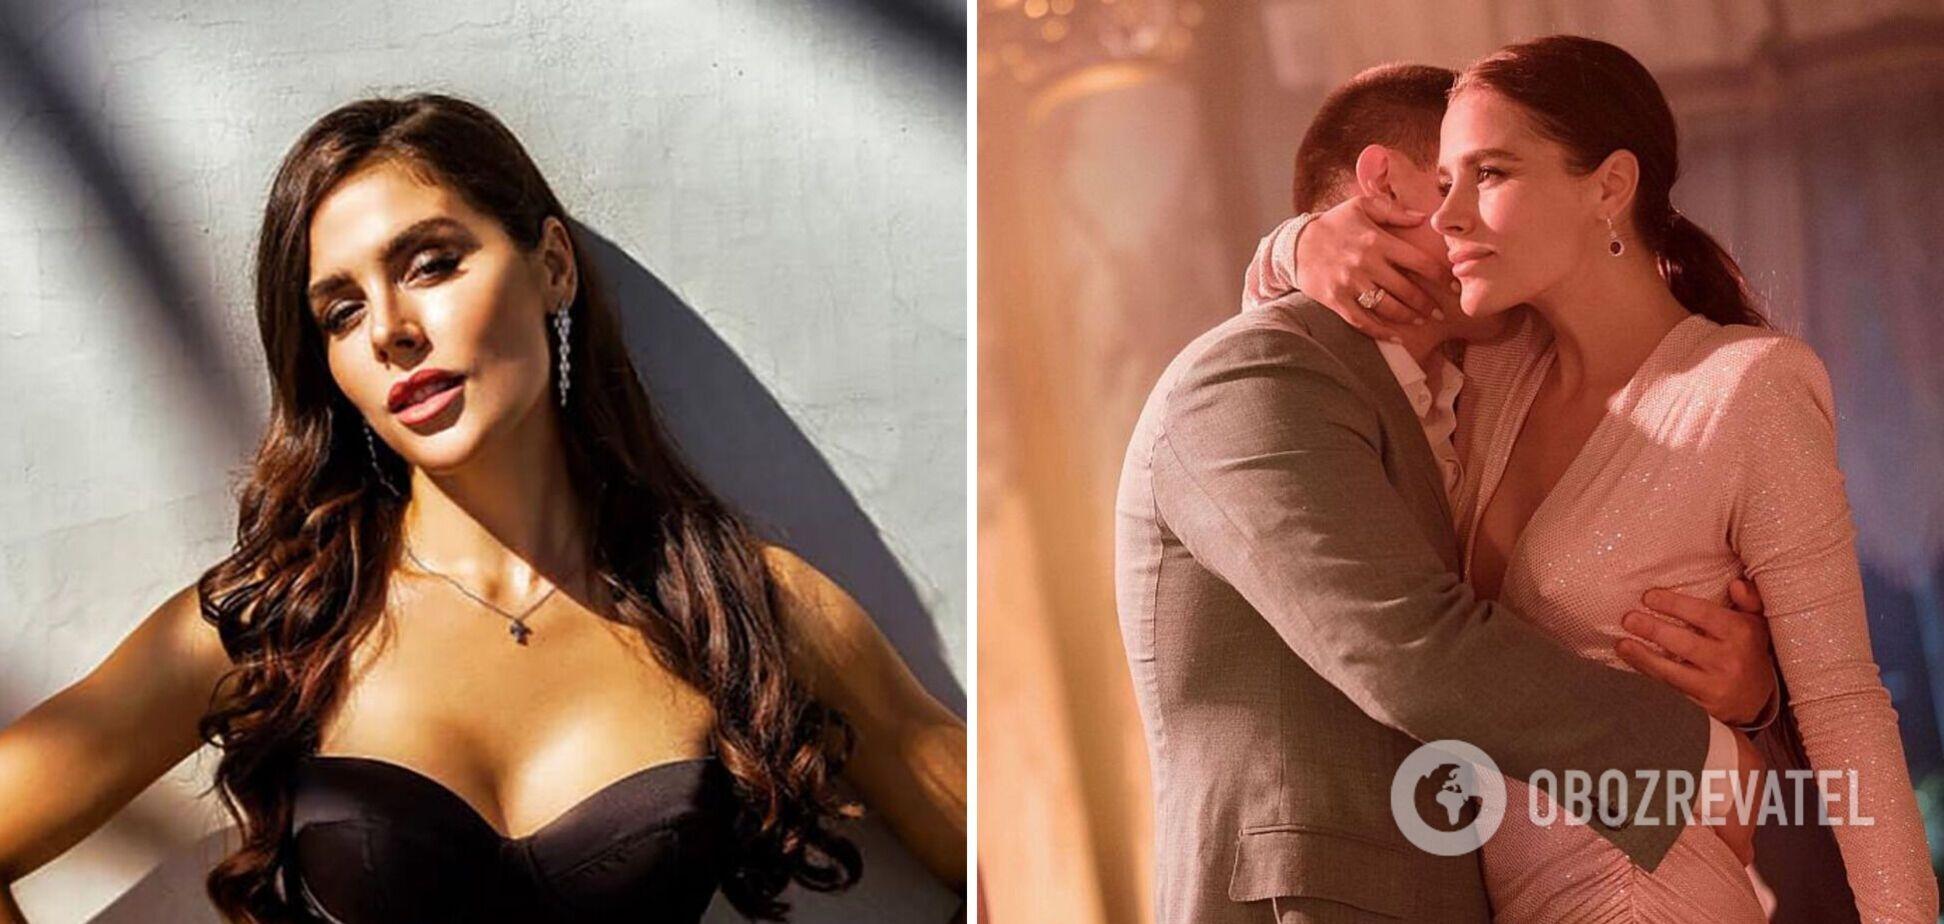 Зради, скандали і любов на відстані: ведуча 'Танців з зірками' розповіла про невдалі стосунки. Відео